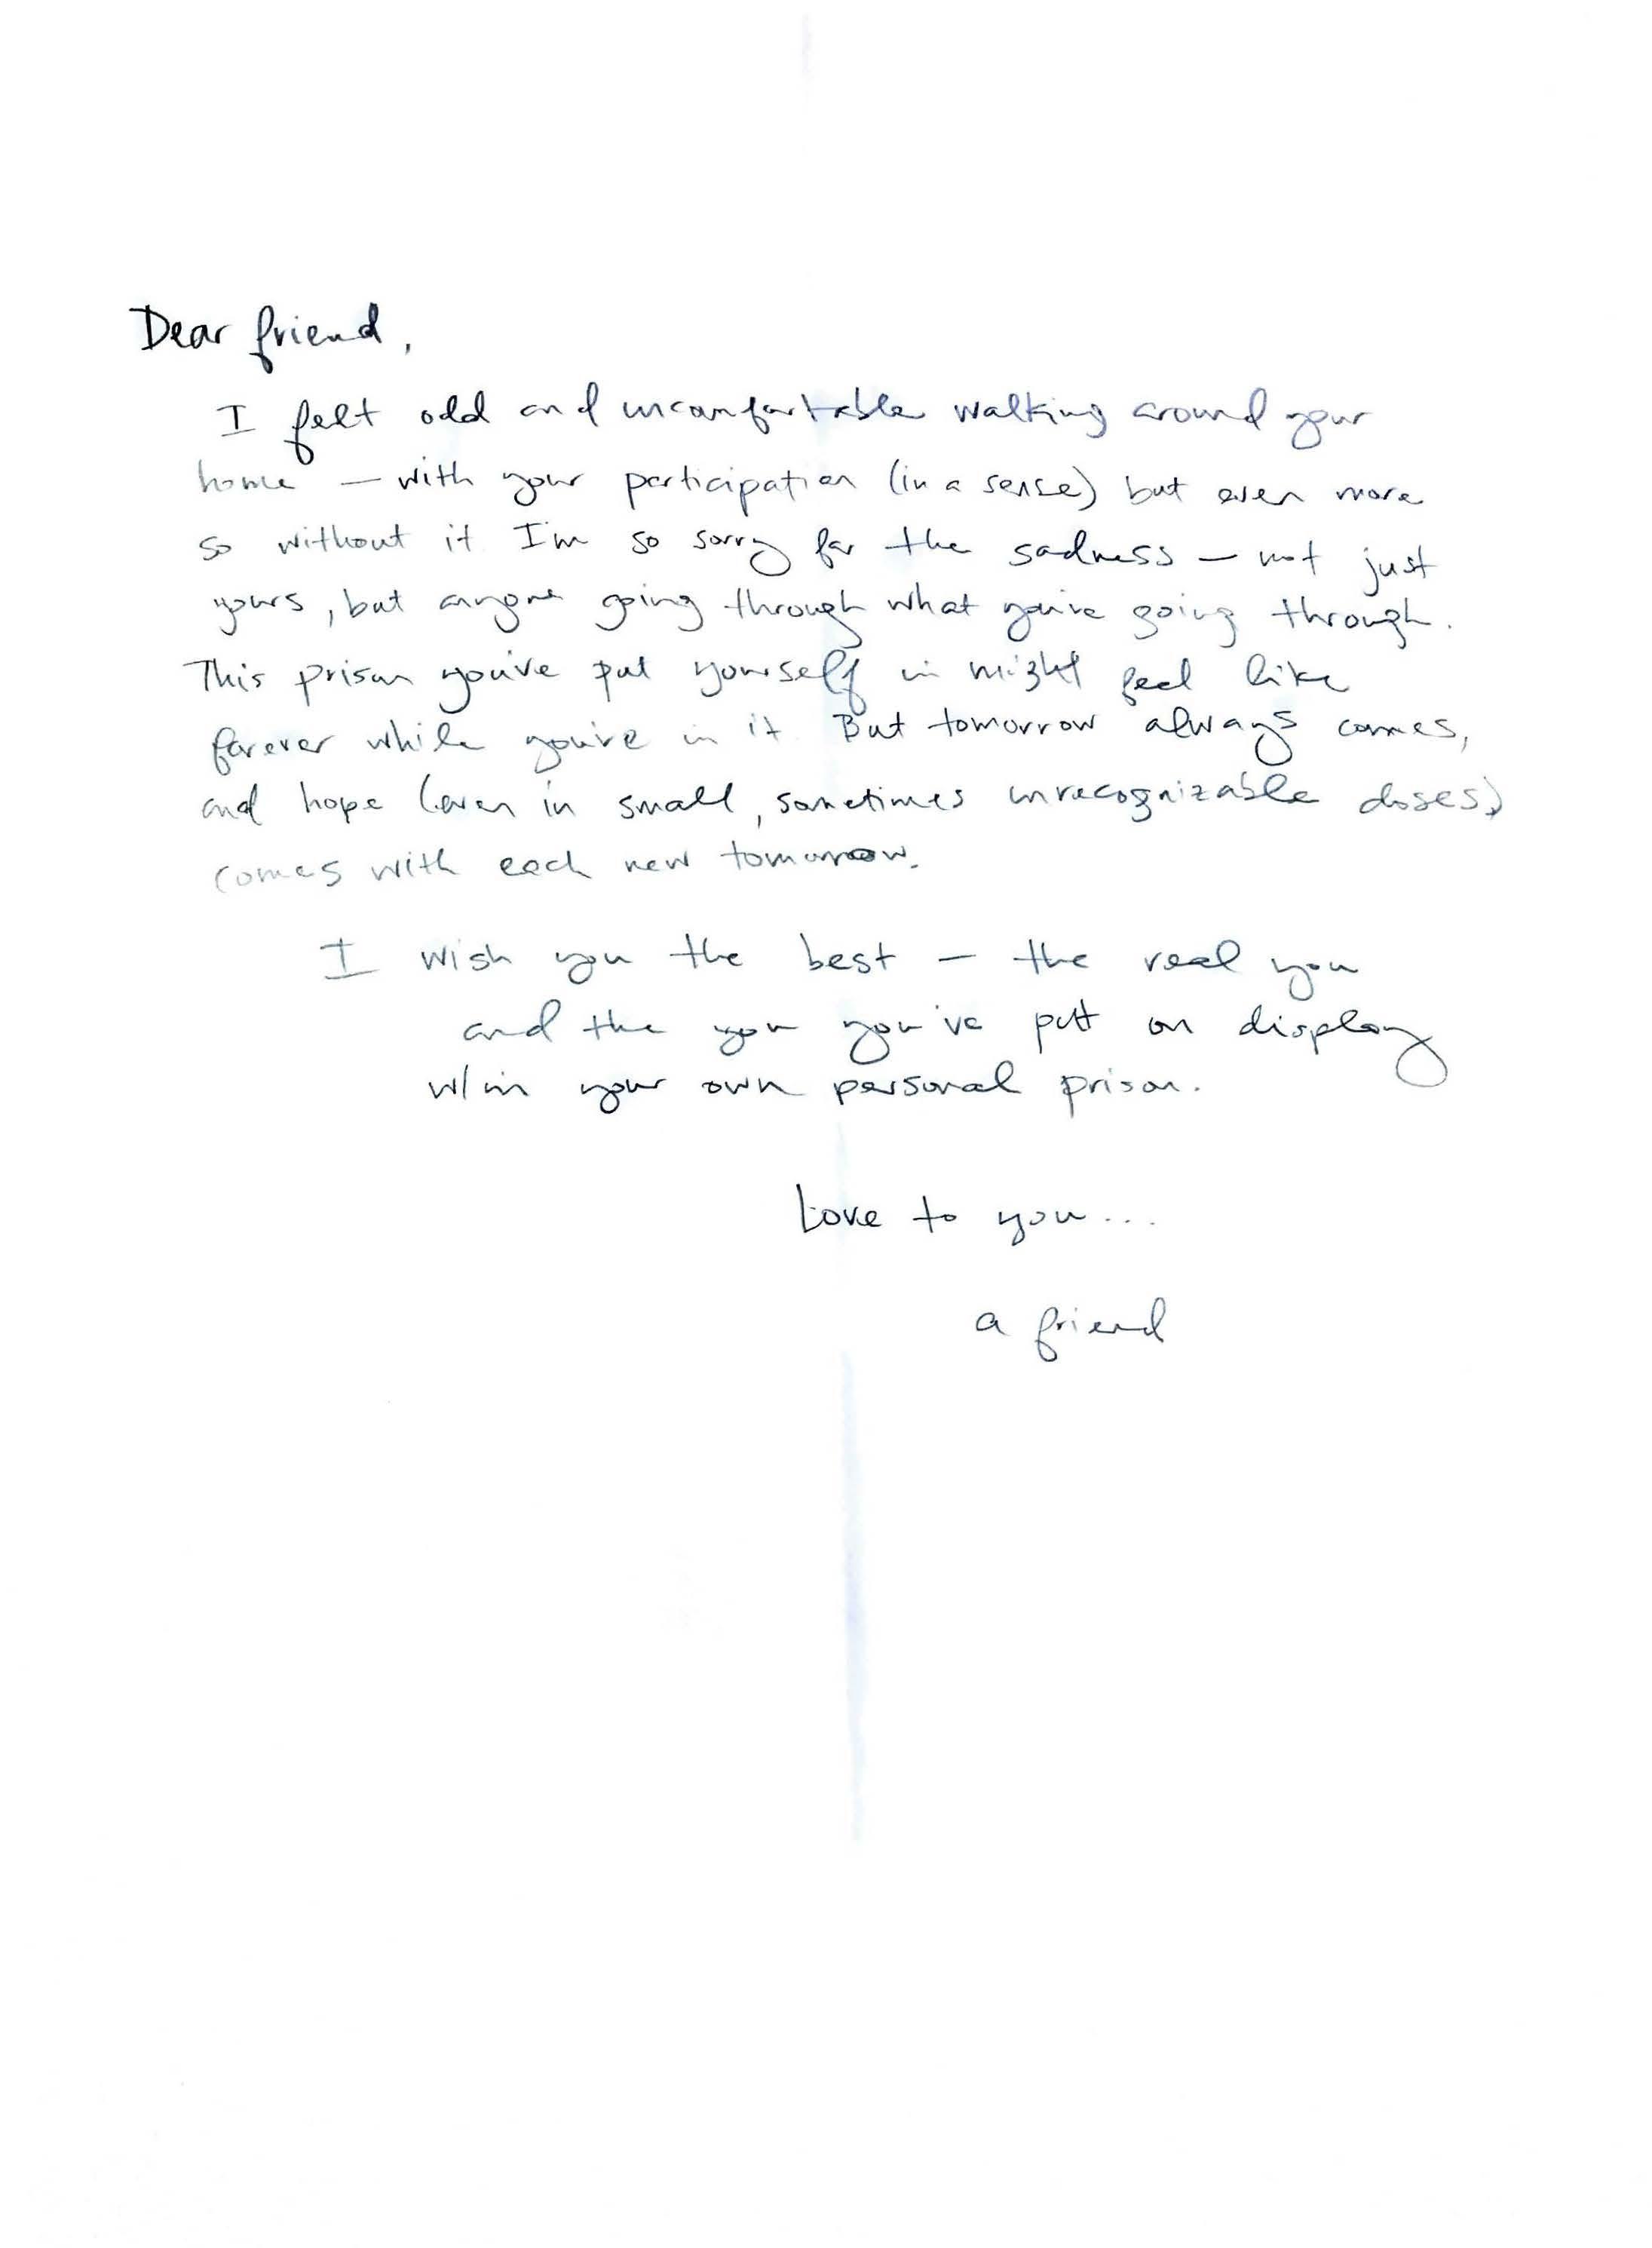 BTCD Letter (37).jpg